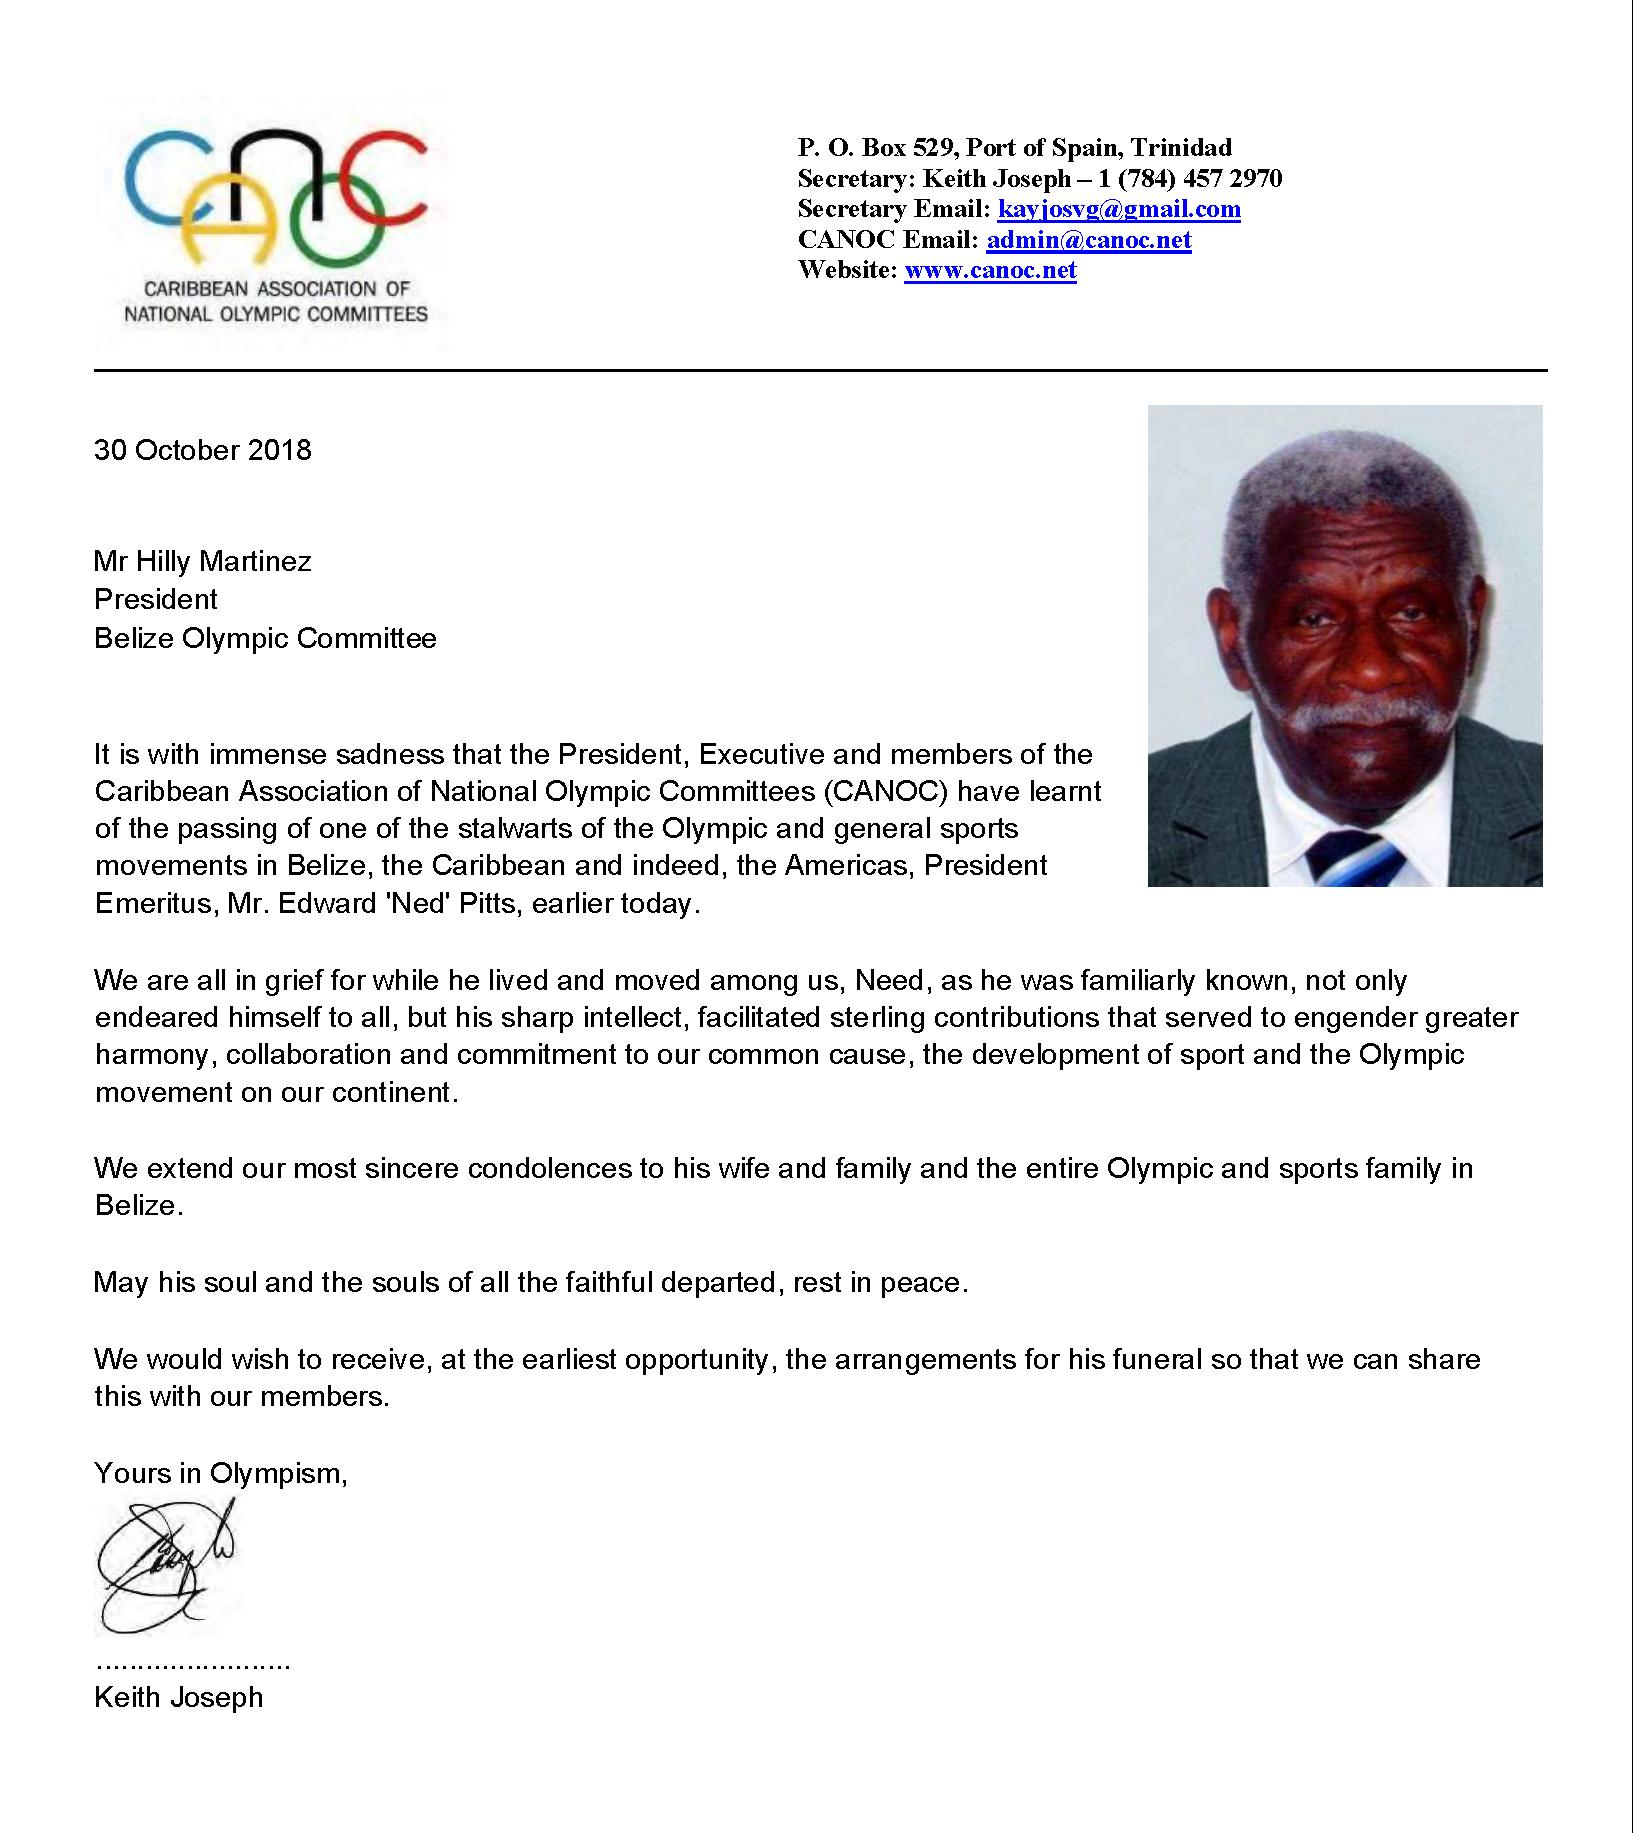 CANOC Condolences Belize-Edward 'Ned' Pitts 2018 Oct